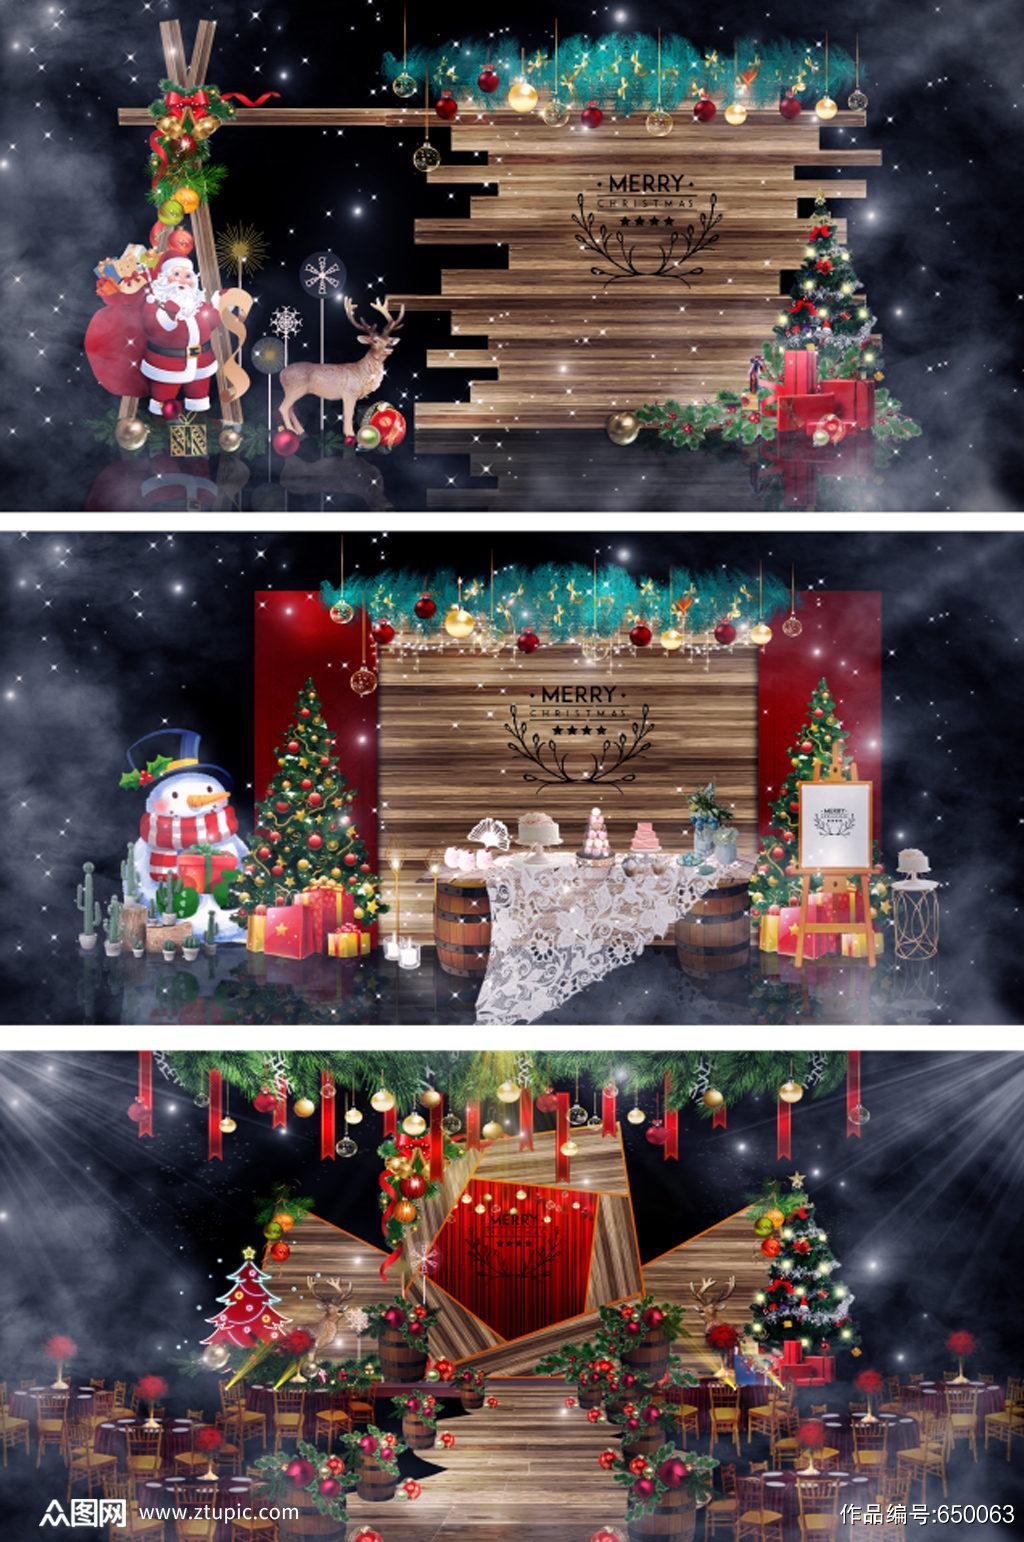 圣诞节婚礼室内美陈设计素材